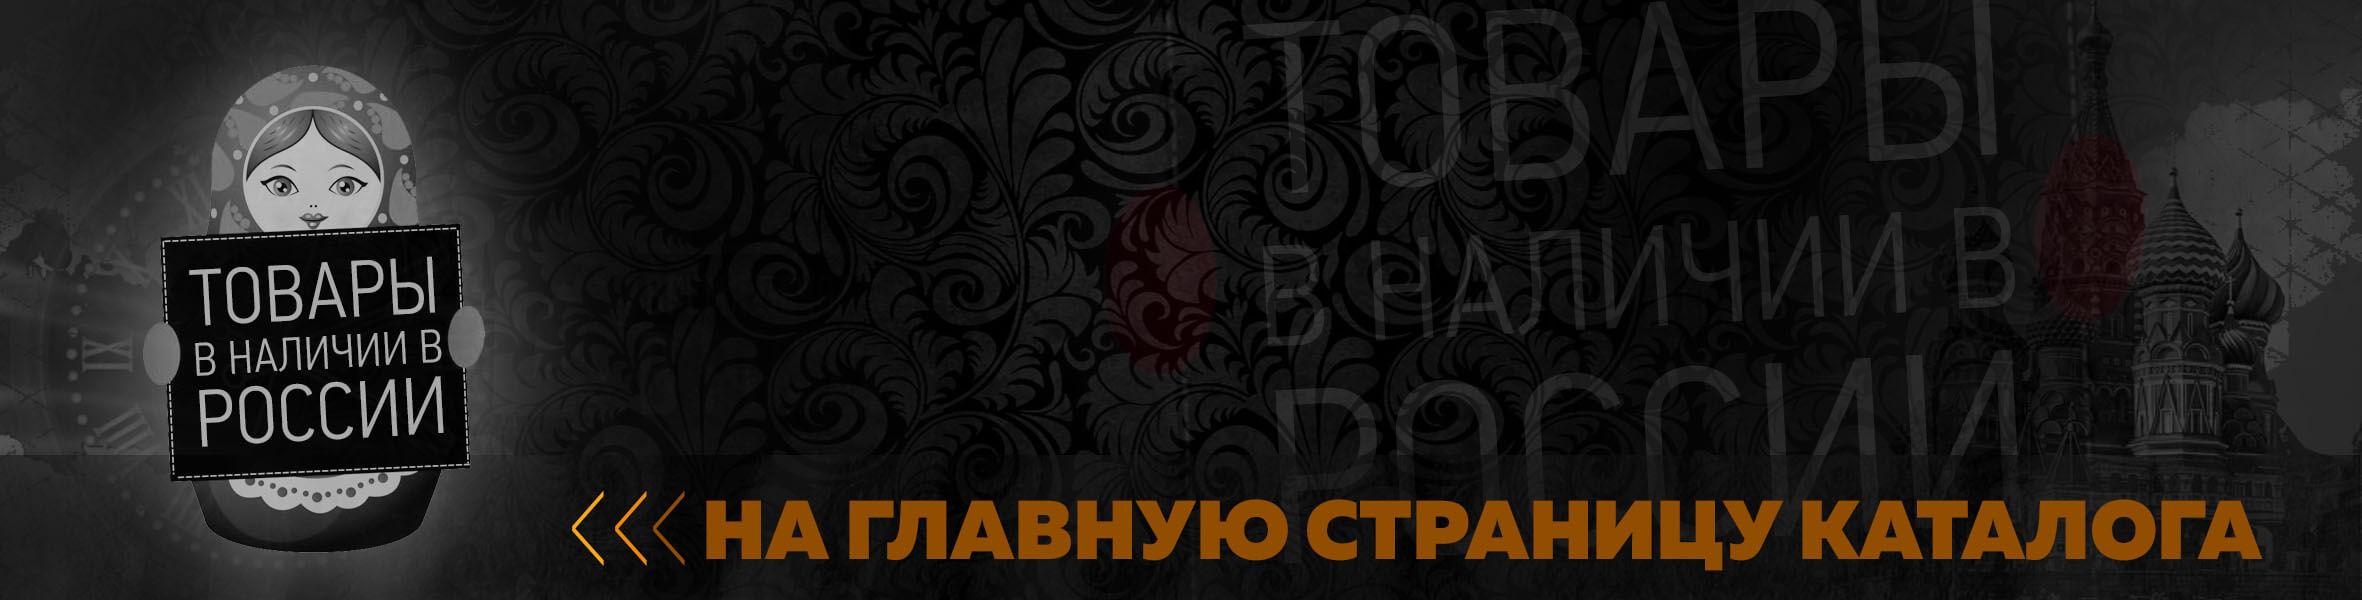 Брендовые спортивные костюмы в наличии в Москве, Краснодаре, Саратове, Самаре, Волгограде, Санкт-Петербурге, Казани, Крыму, Севастополе, Симферополе, Сочи, Ялте